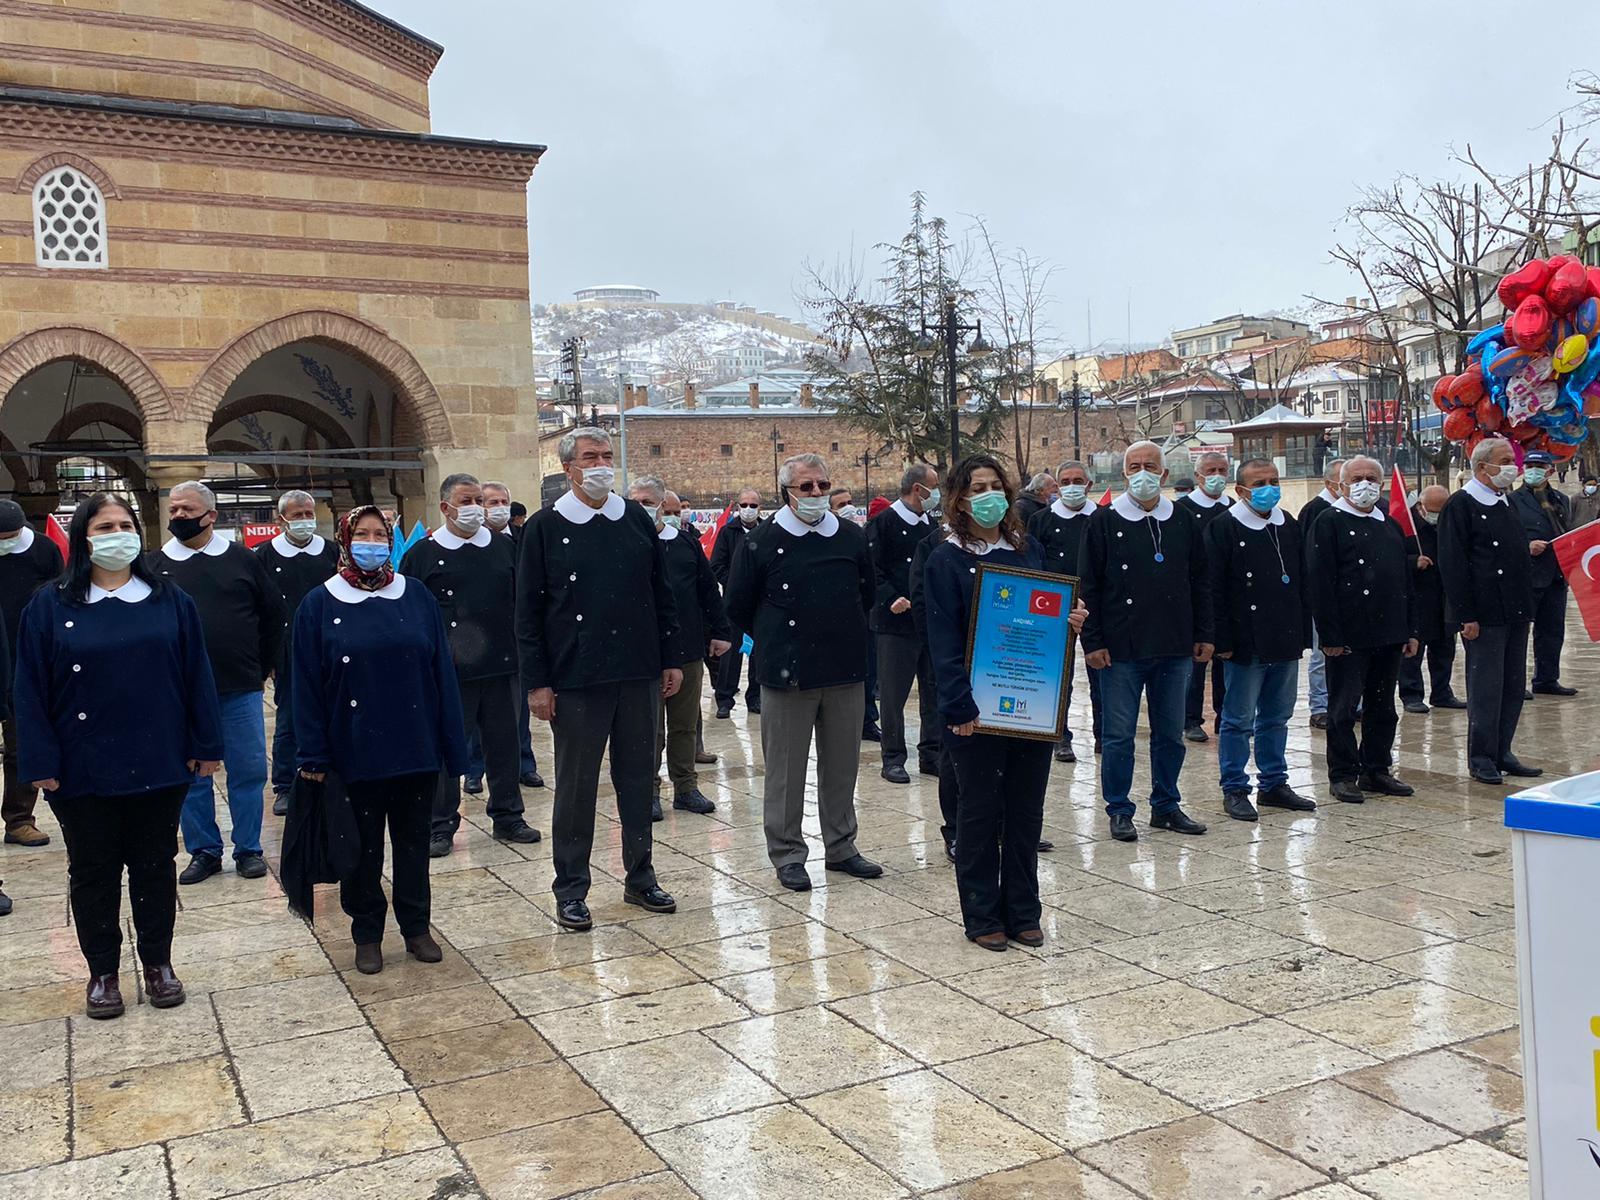 Kastamonu'da İYİ Partililer öğrenci önlüğü giyip Nasrullah meydanında  Andımız'ı okudu